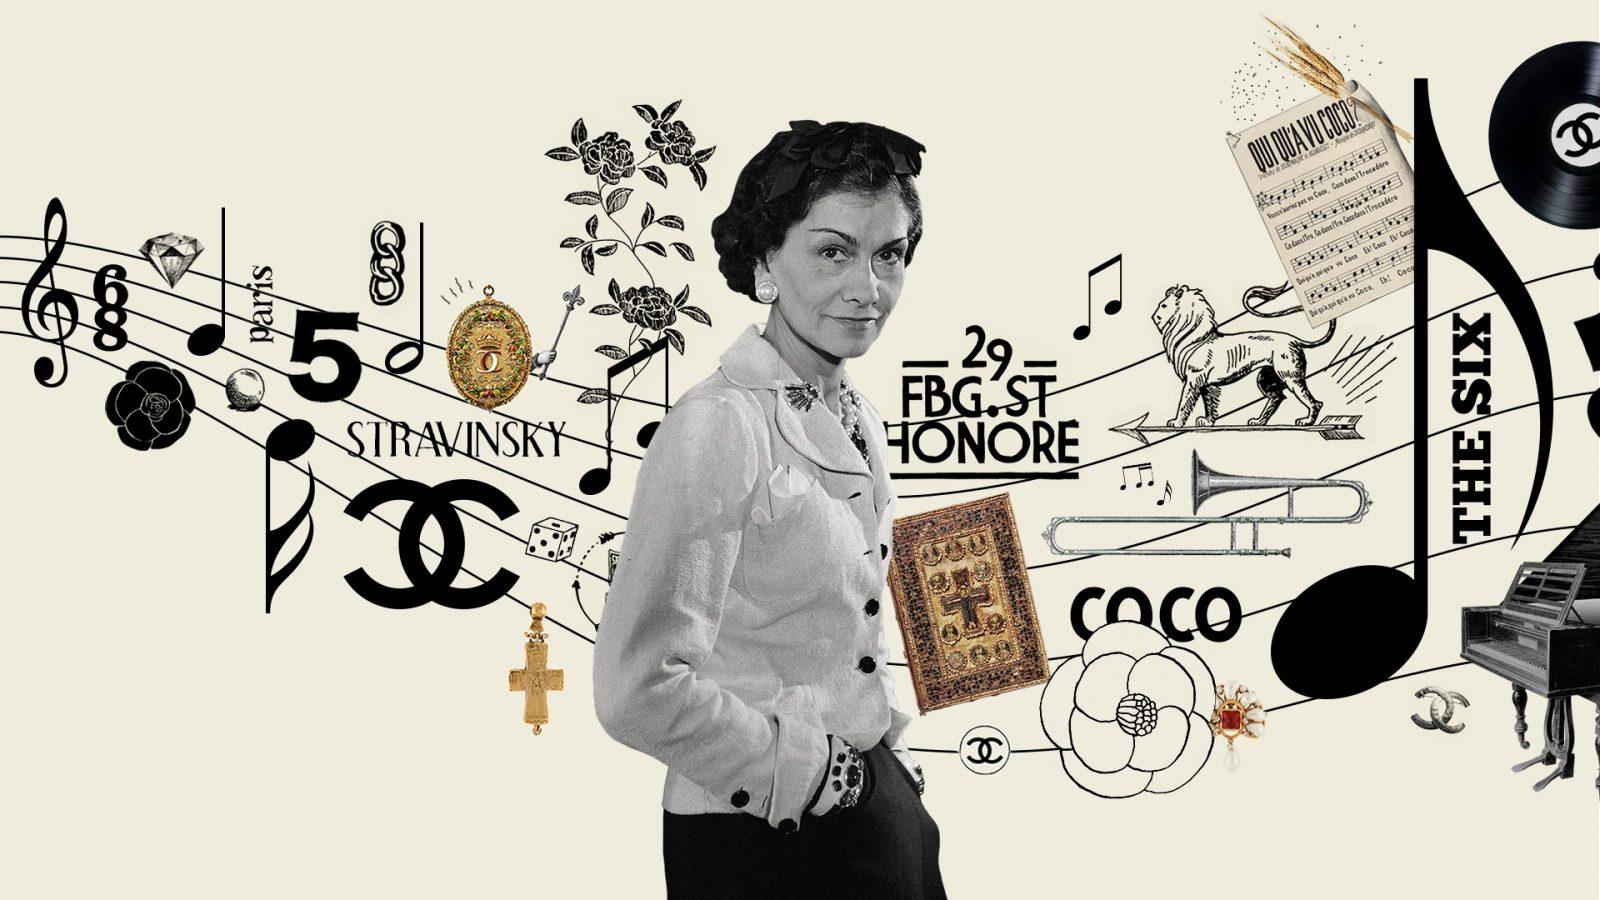 Η μουσική ήταν πηγή έμπνευσης για την Gabrielle «Coco» Chanel